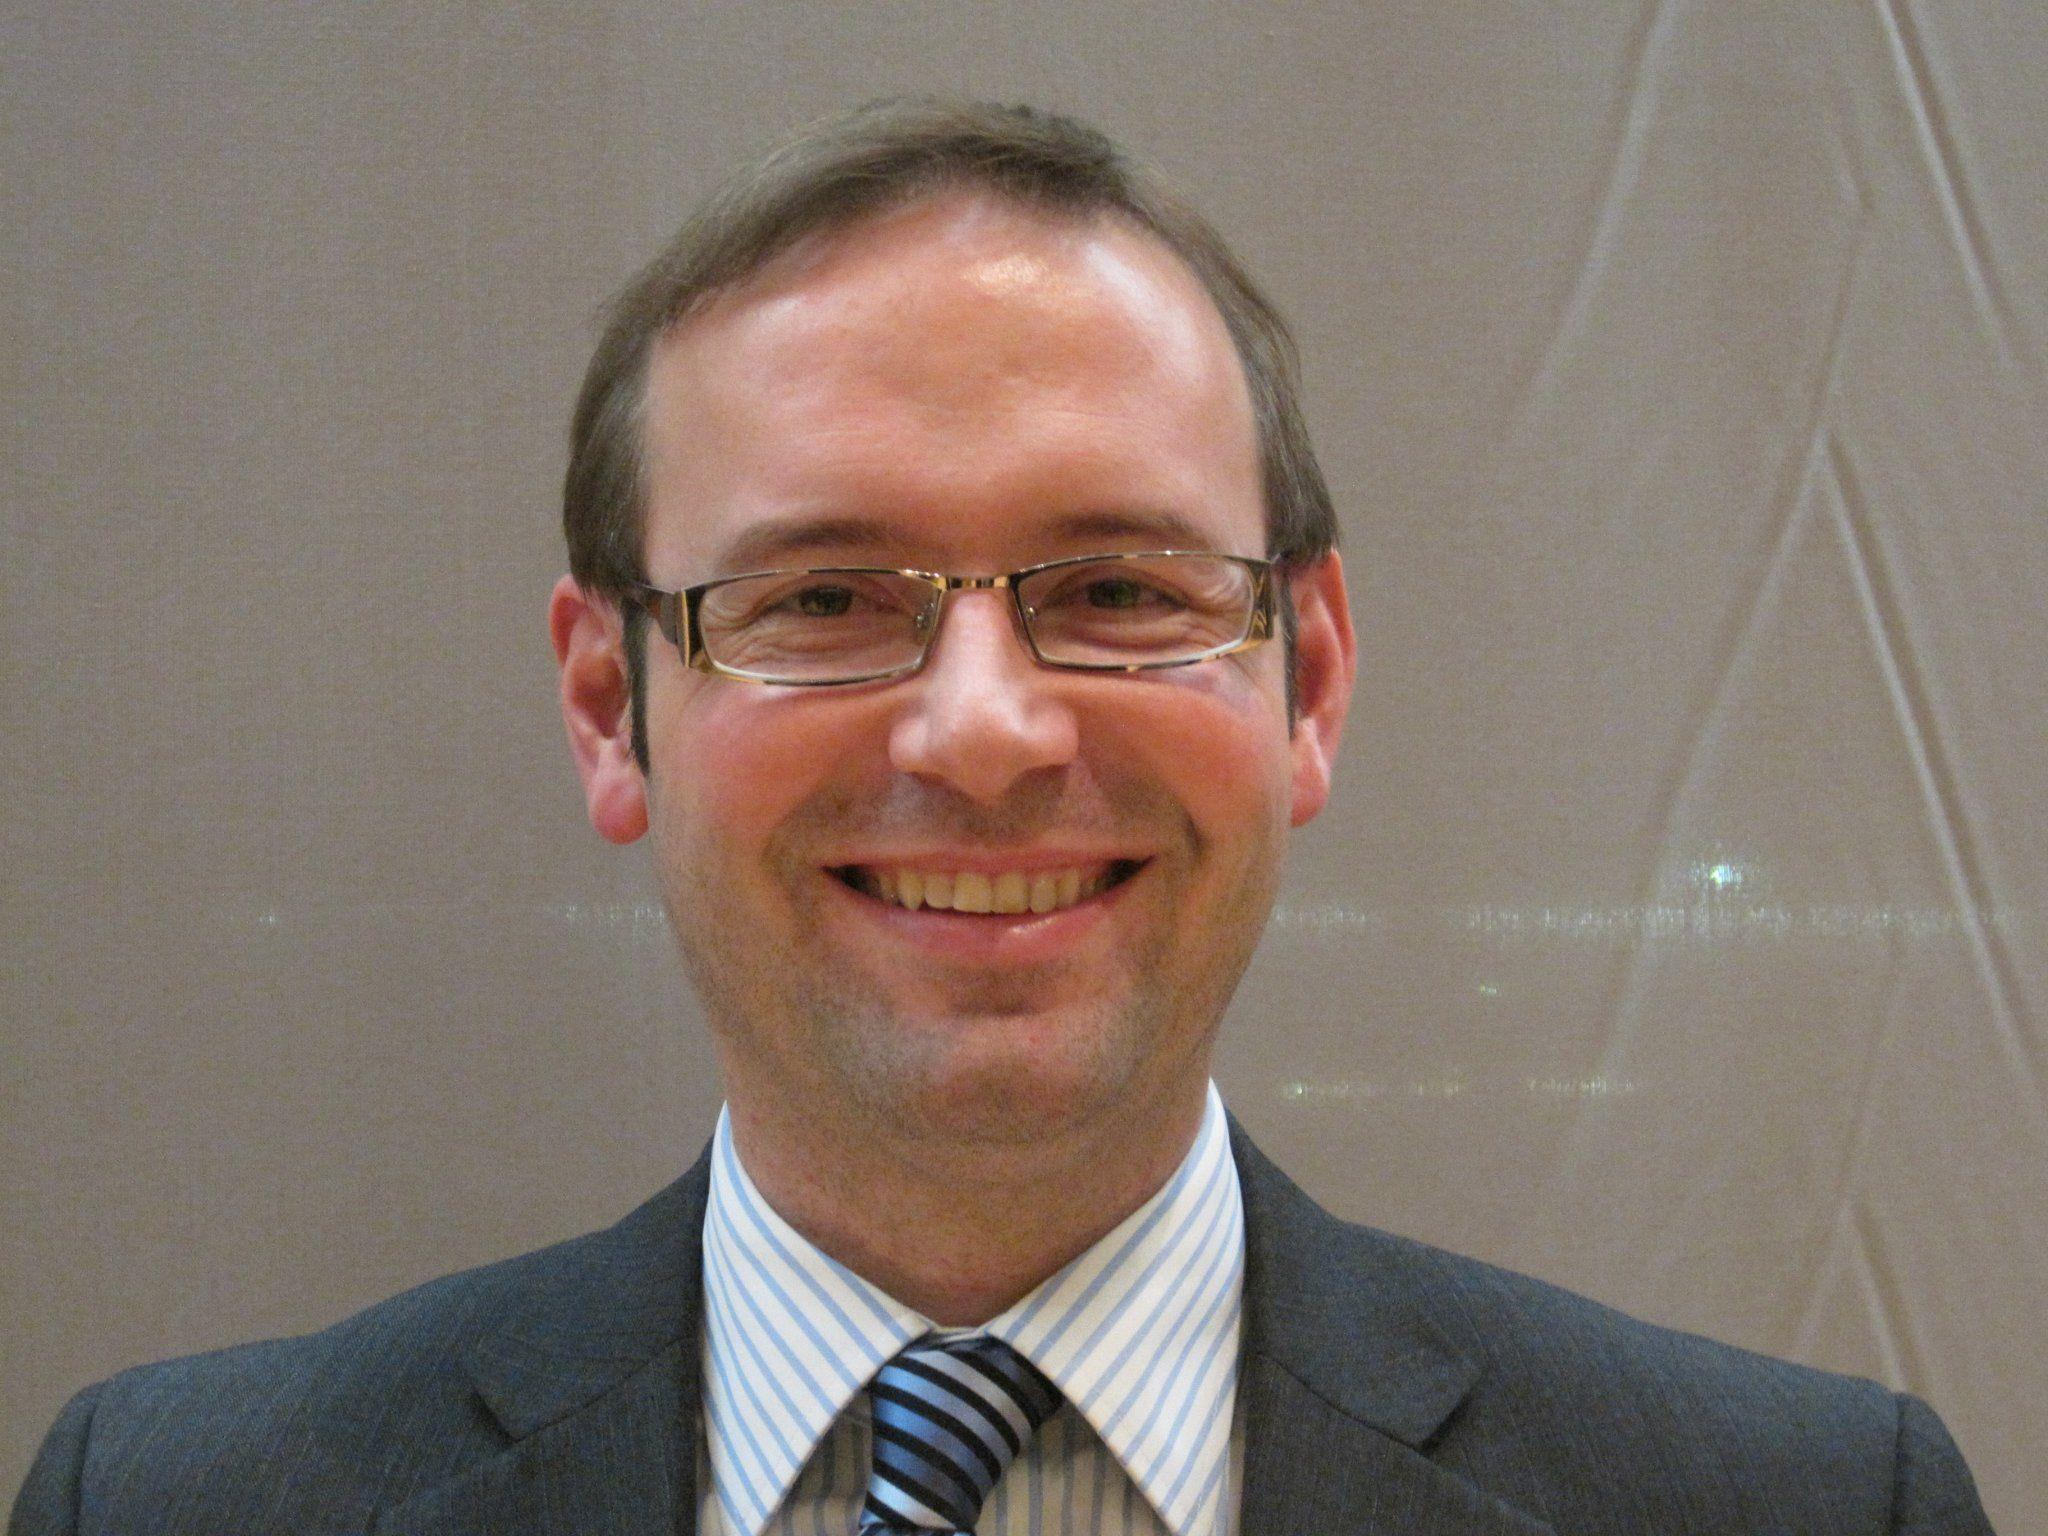 Kulturreferent Daniel Steinhofer interessiert sich für seine Ahnen